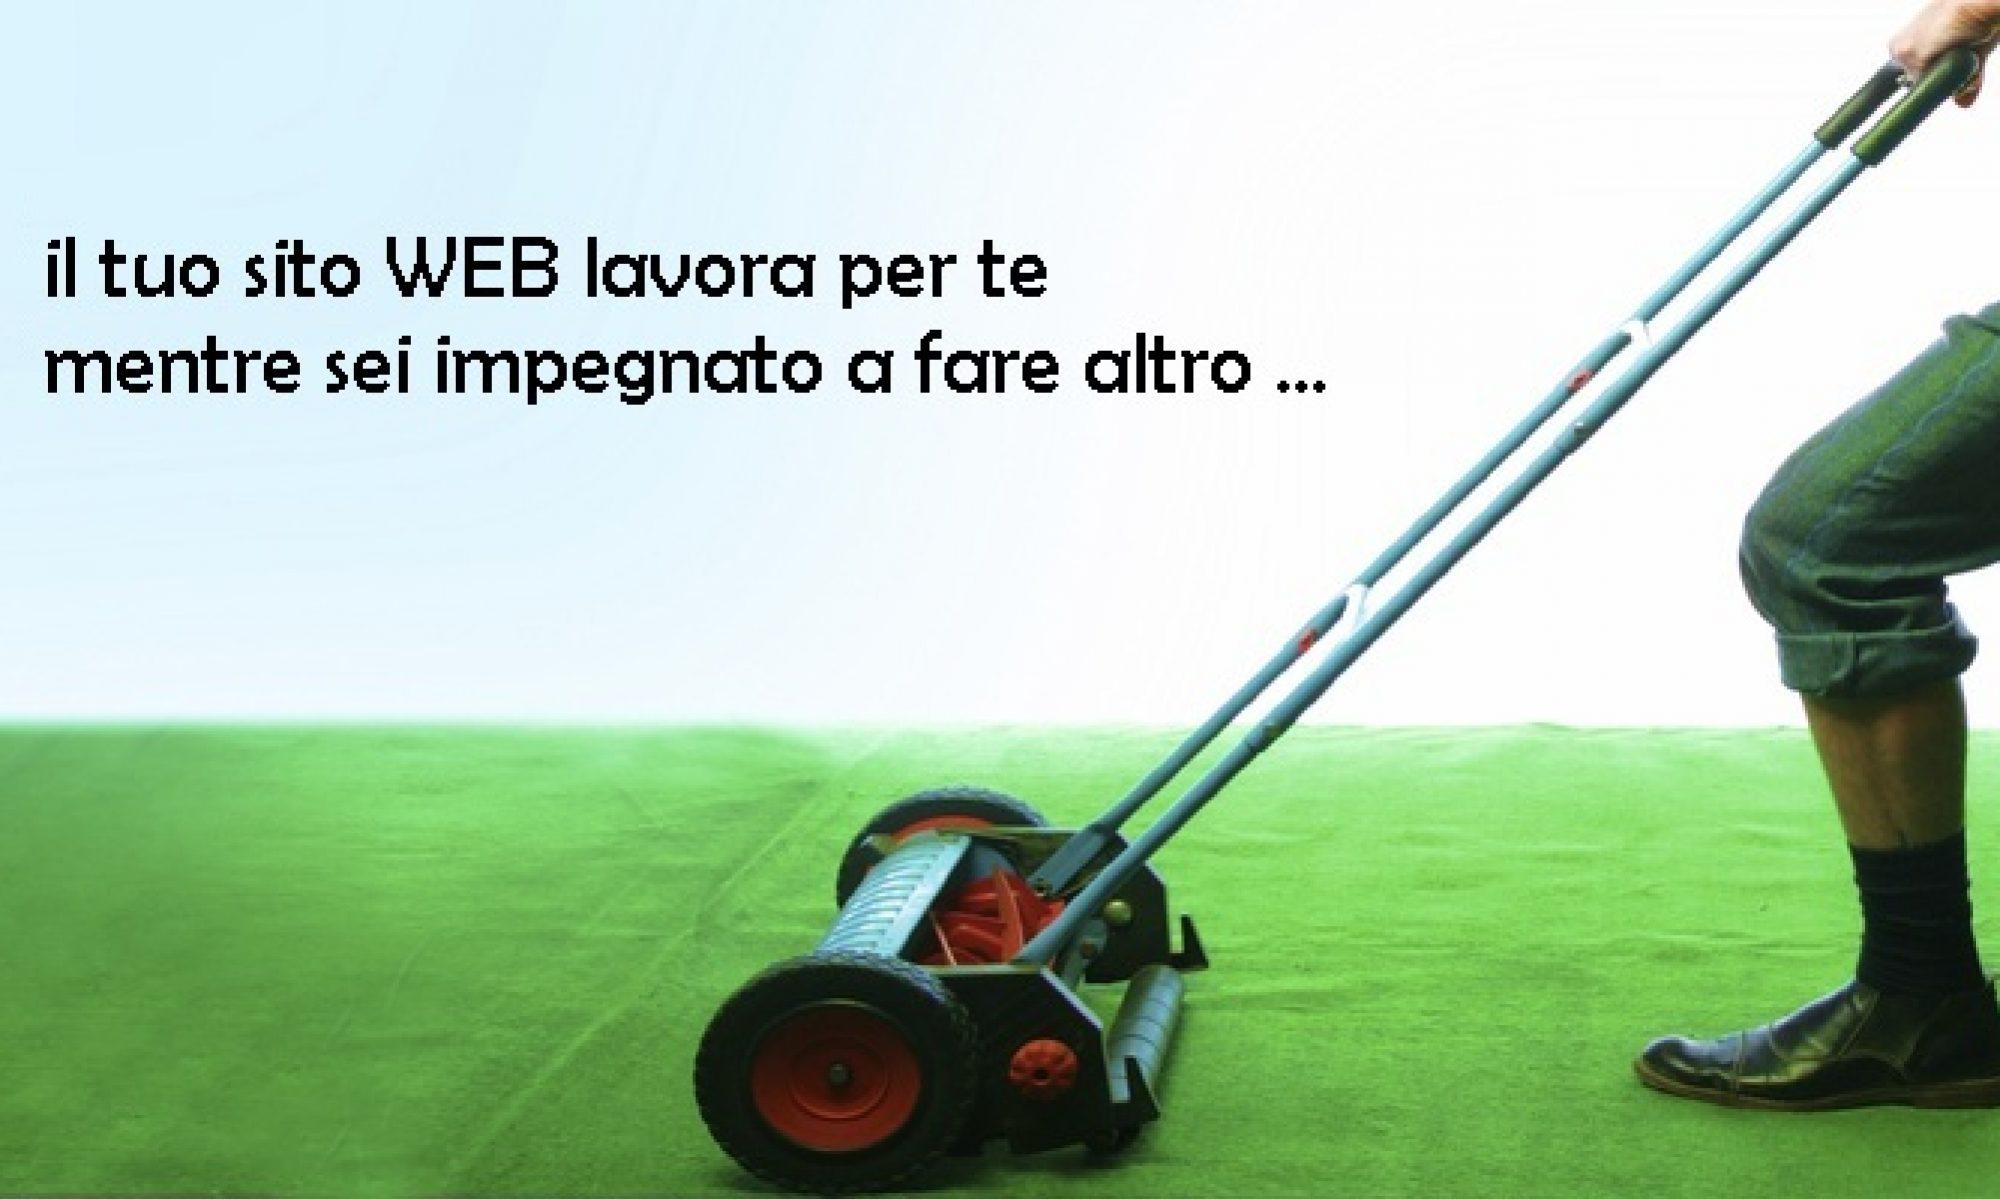 ItalserWeb.it